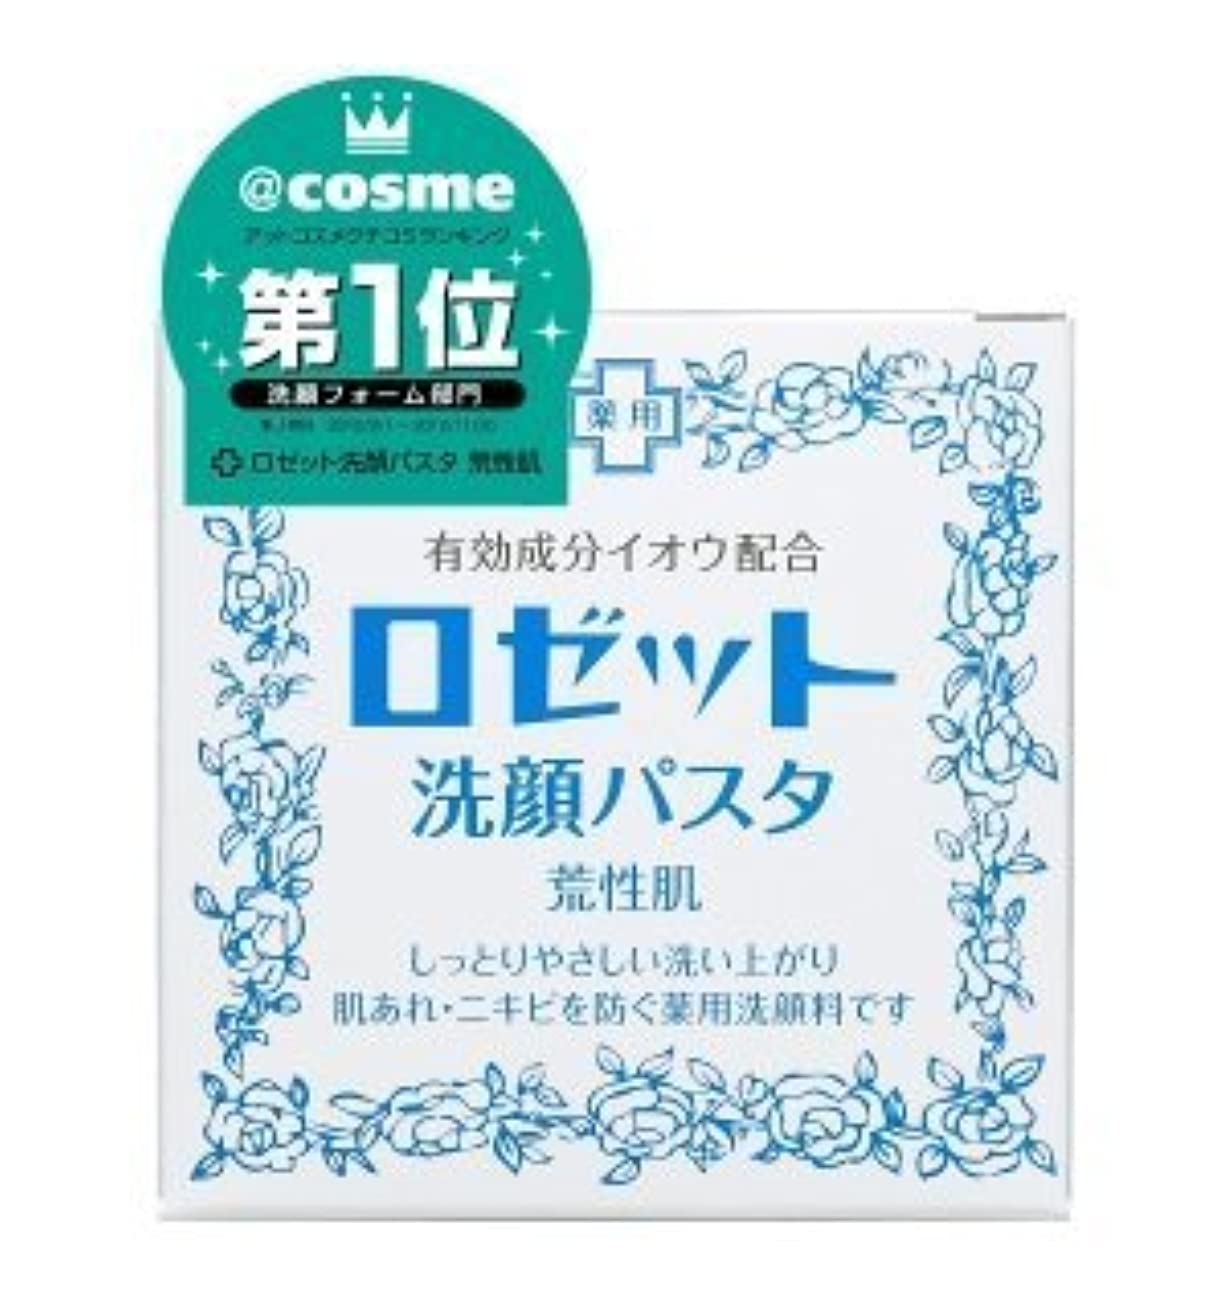 ペルメル好む惨めなロゼット 洗顔パスタ 荒性肌 90g (医薬部外品) × 10個セット